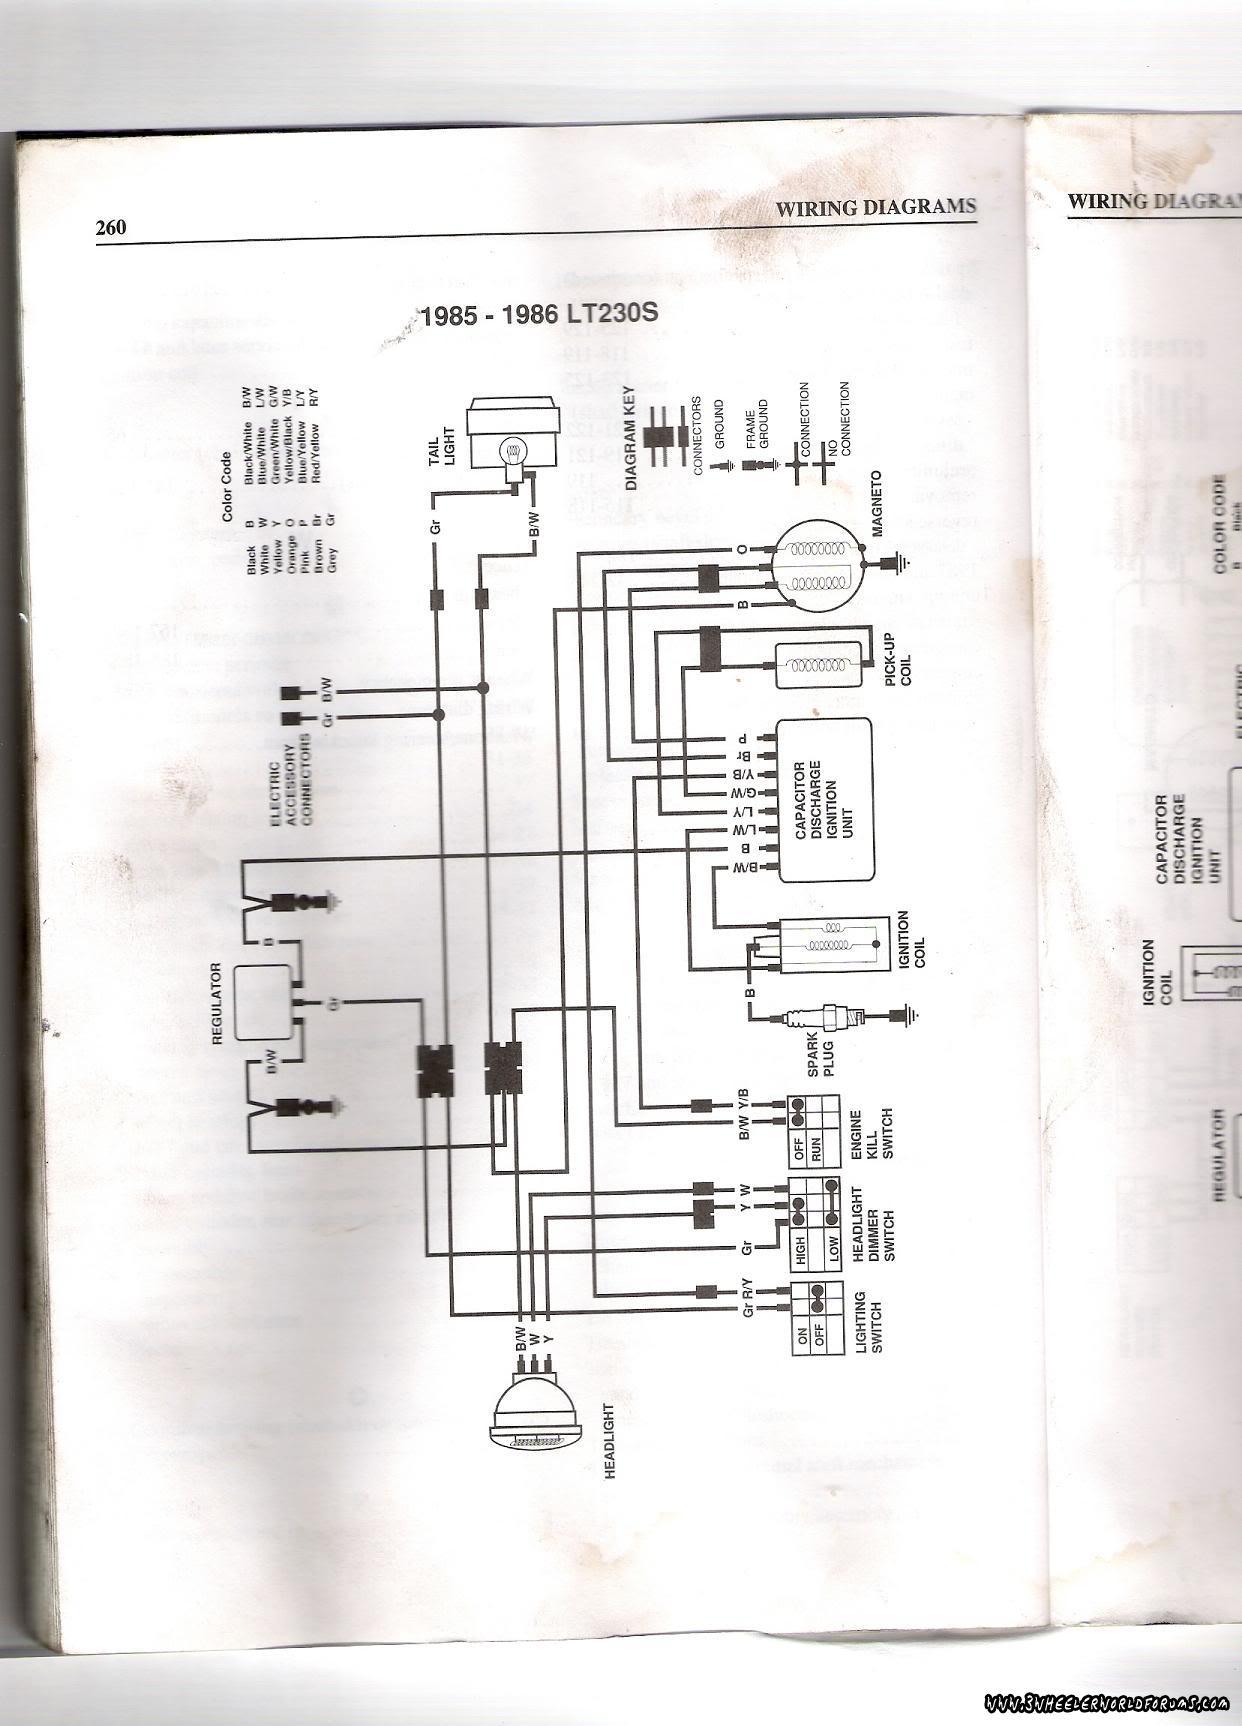 2012 F250 Wire Diagram 85 To 88 Suzuki Lt230s Quadsport Help Page 1261